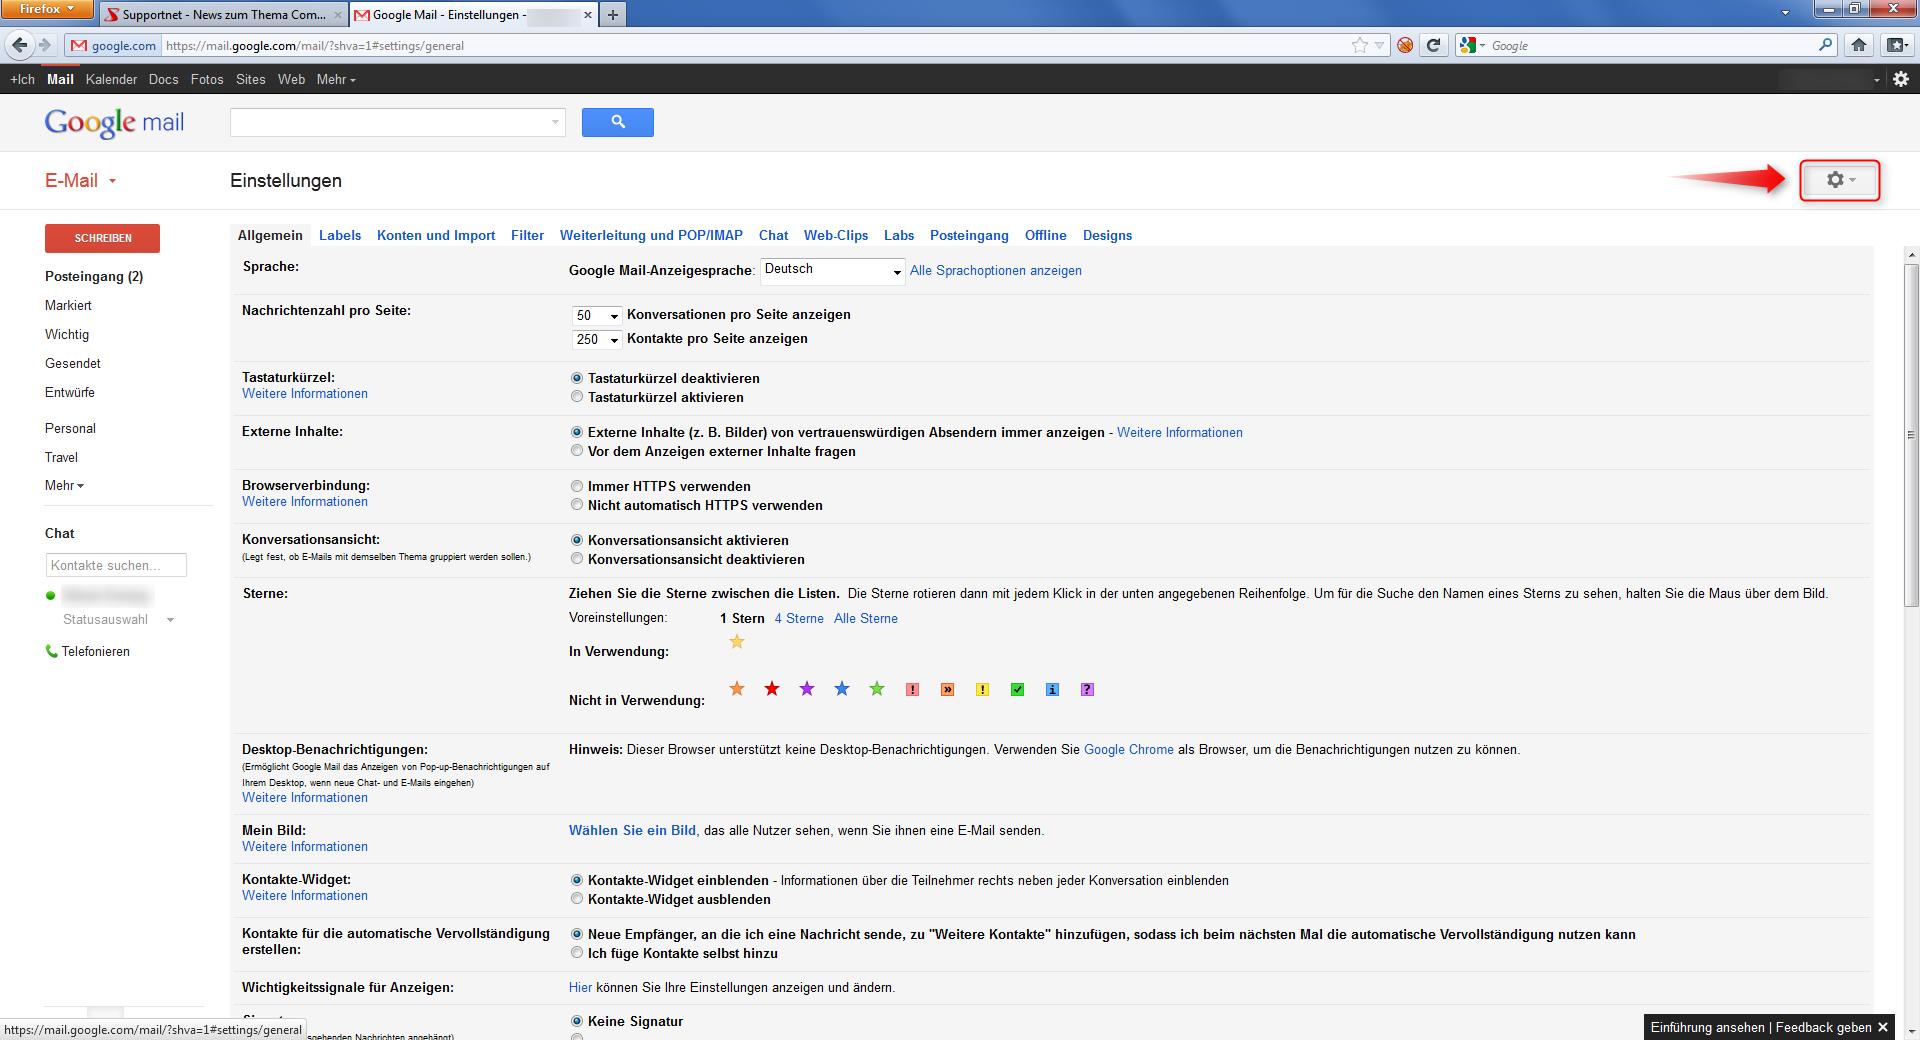 04-google-mail-die-konkurrenz-zu-gmx-und-co-einstellungen-470.png?nocache=1325759226087